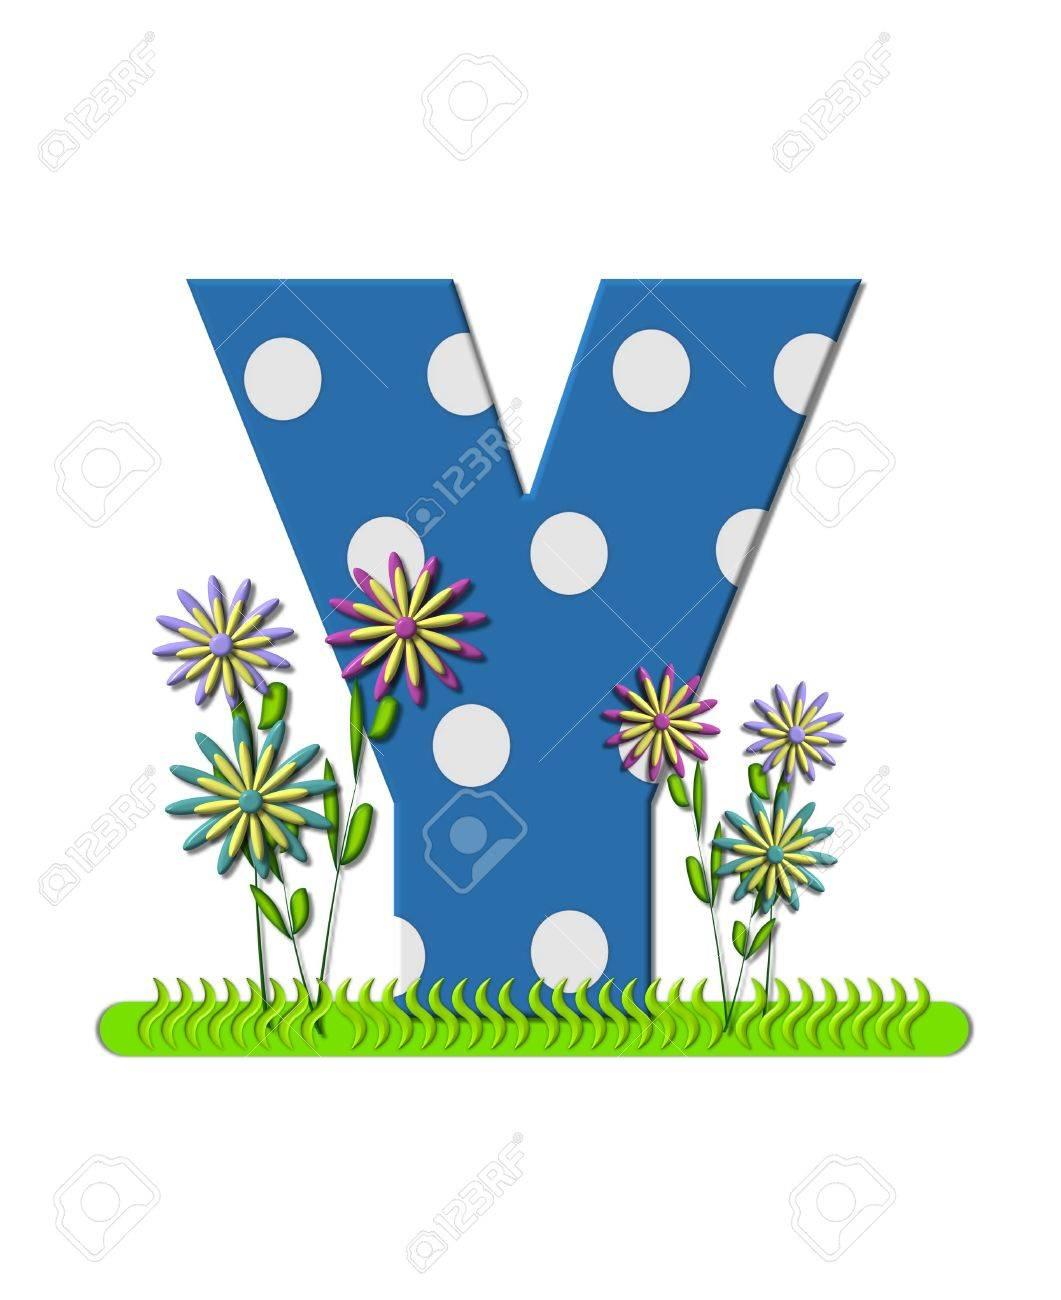 La Lettera Y, In Alfabeto Impostare prato Fiorito, è Blu Con Pois ...